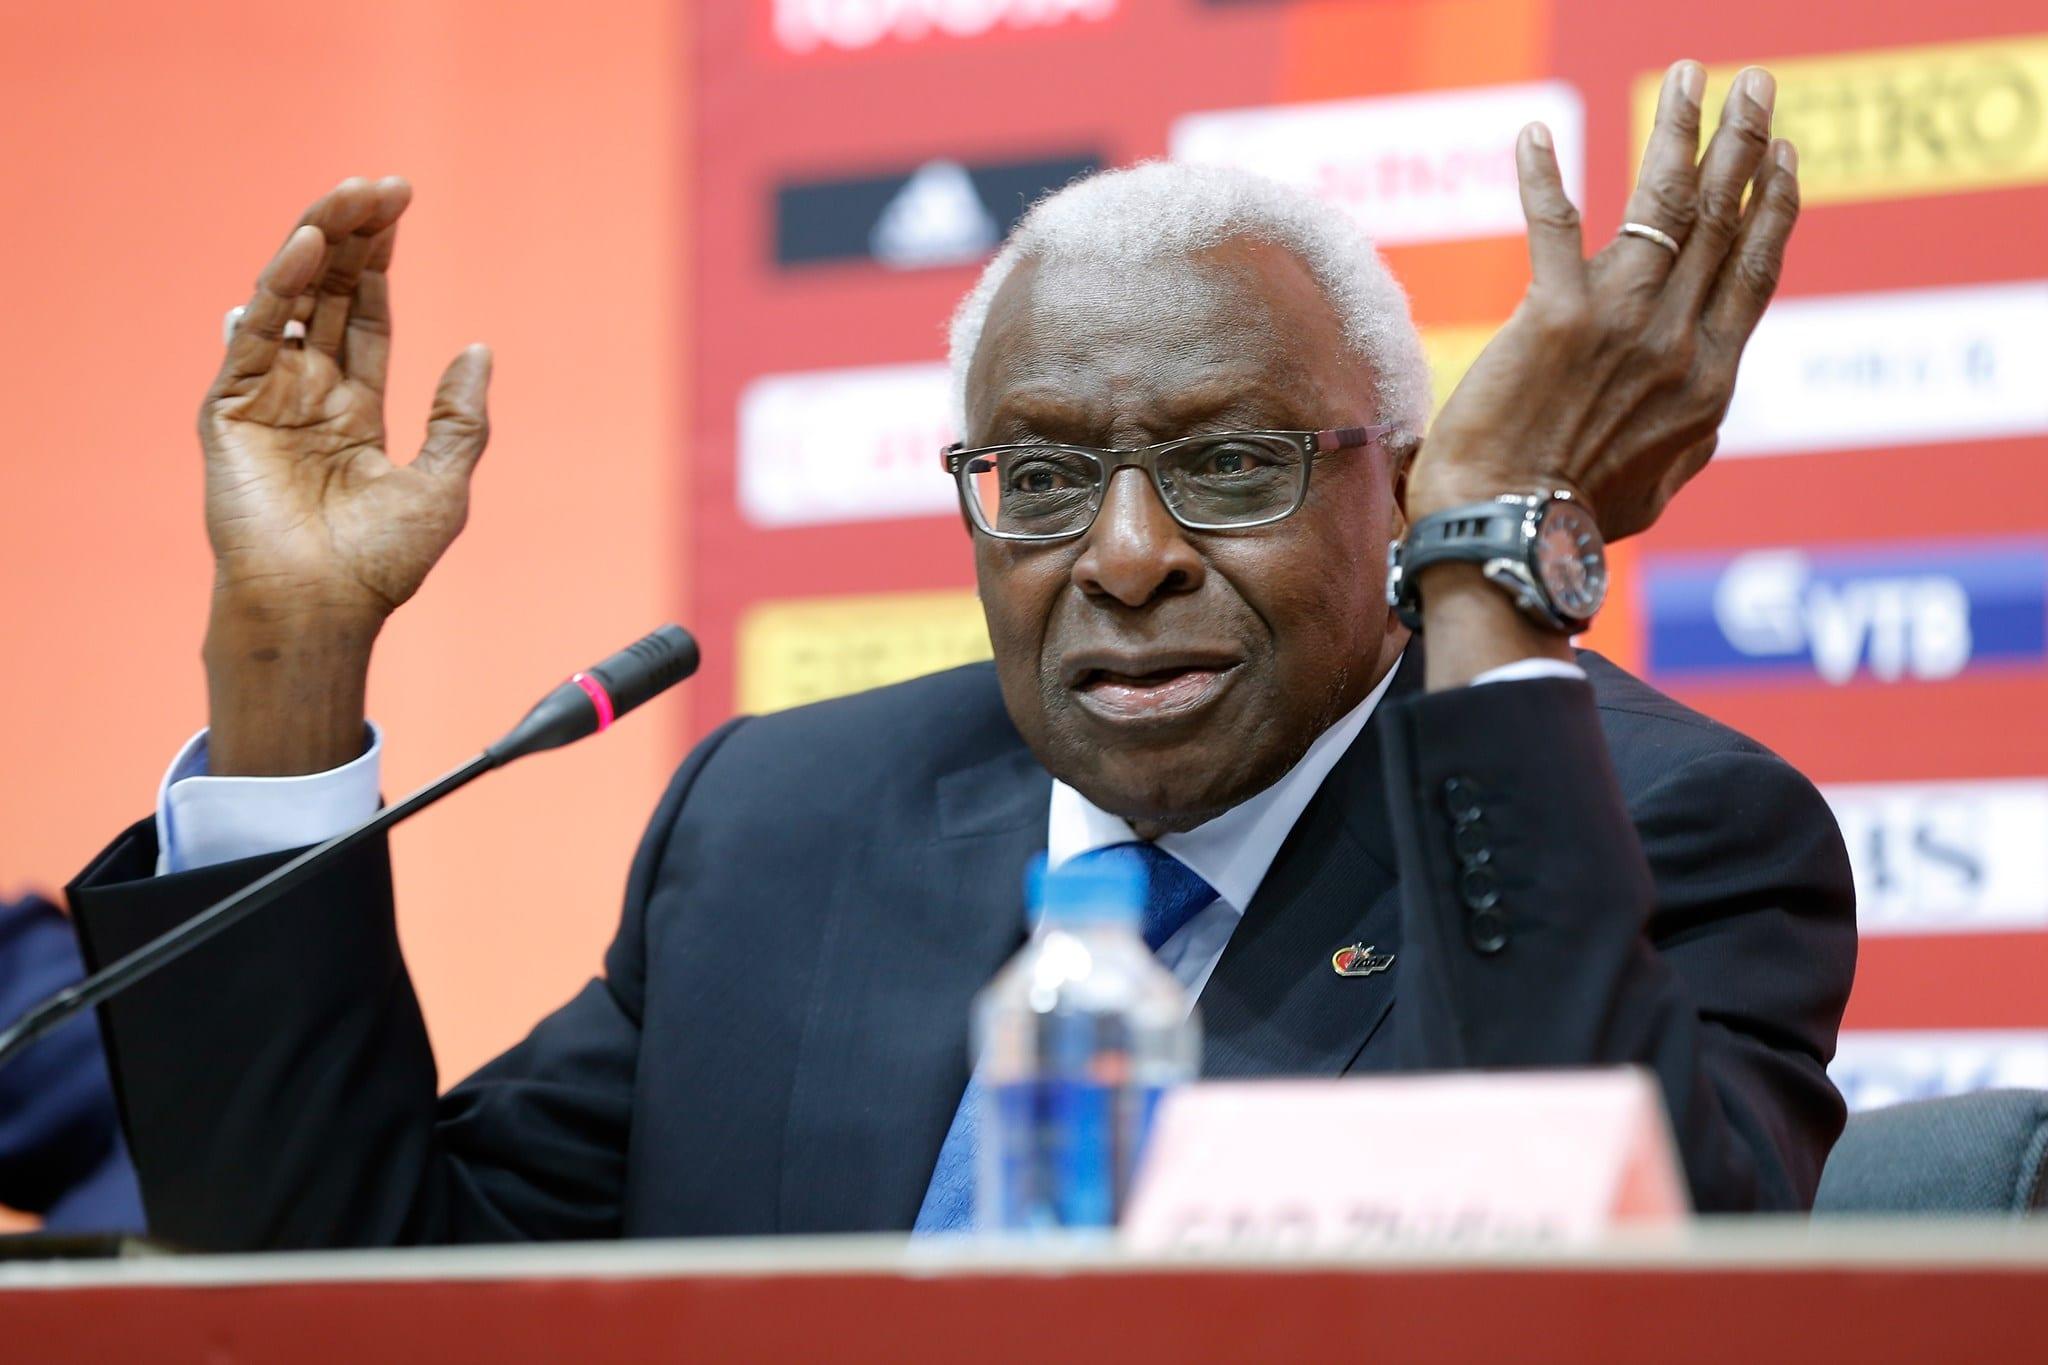 Lamine Diack em 2015, poucos meses antes de ser preso. Foto: IAAF